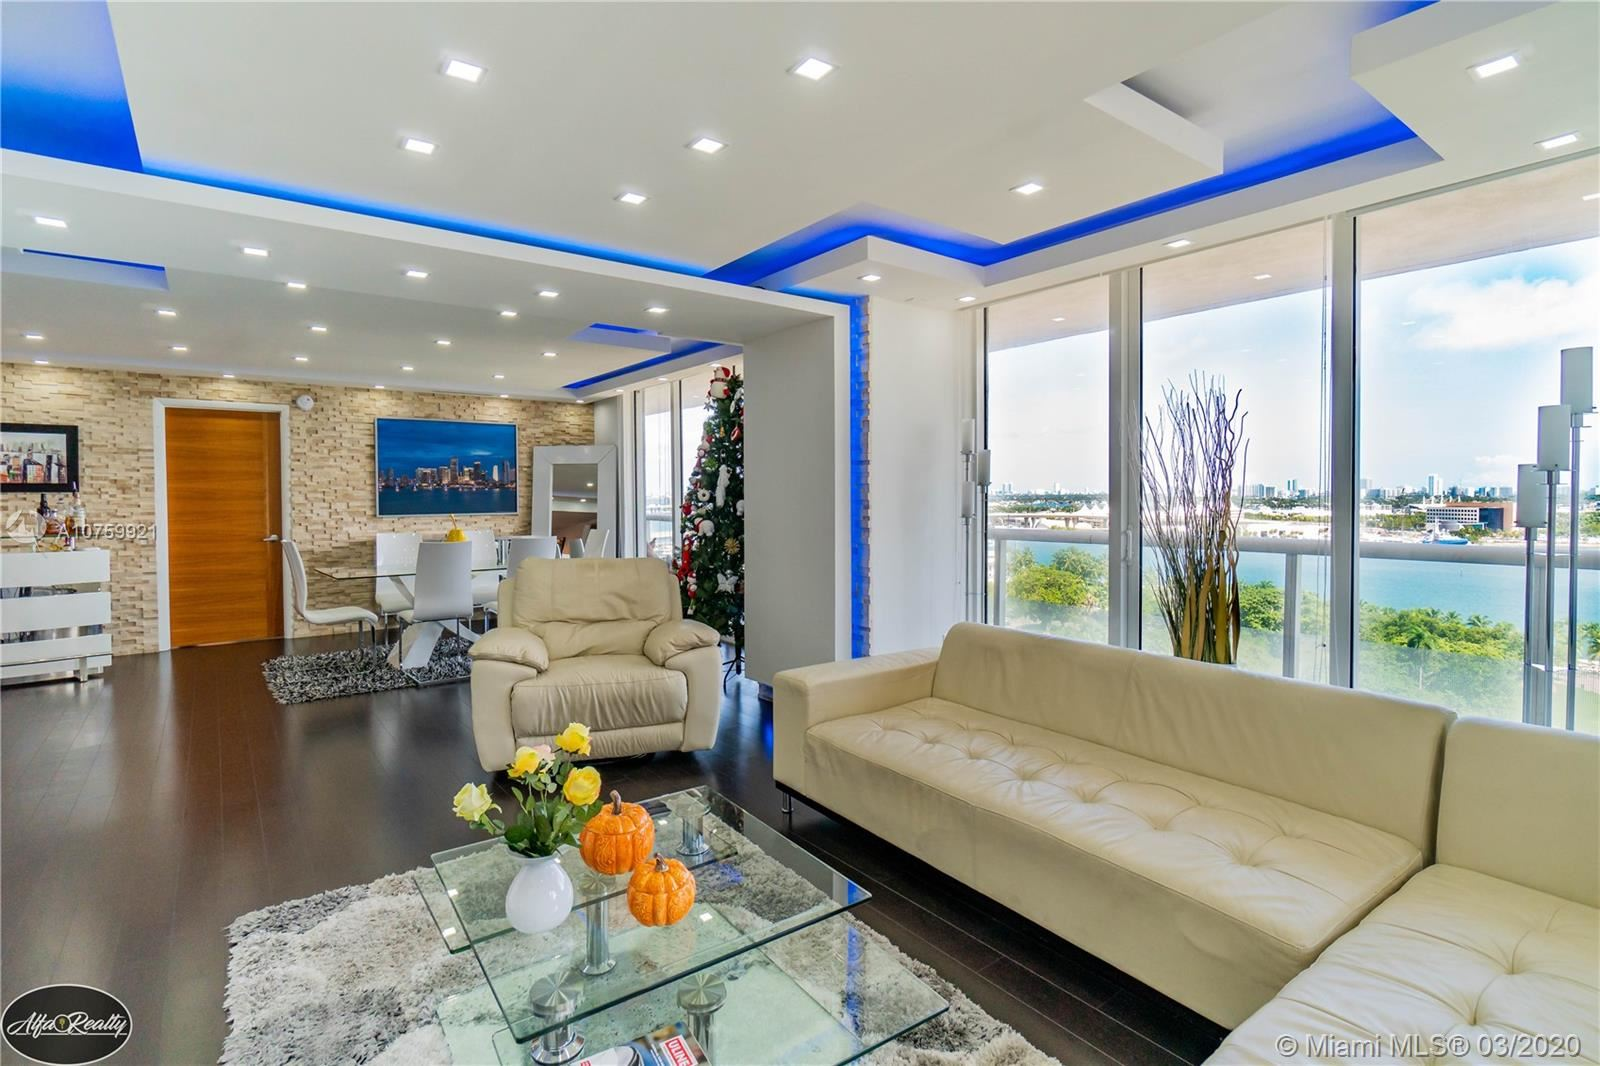 50 E Biscayne Blvd #1510, Miami, FL 33132 - MLS#: A10759921